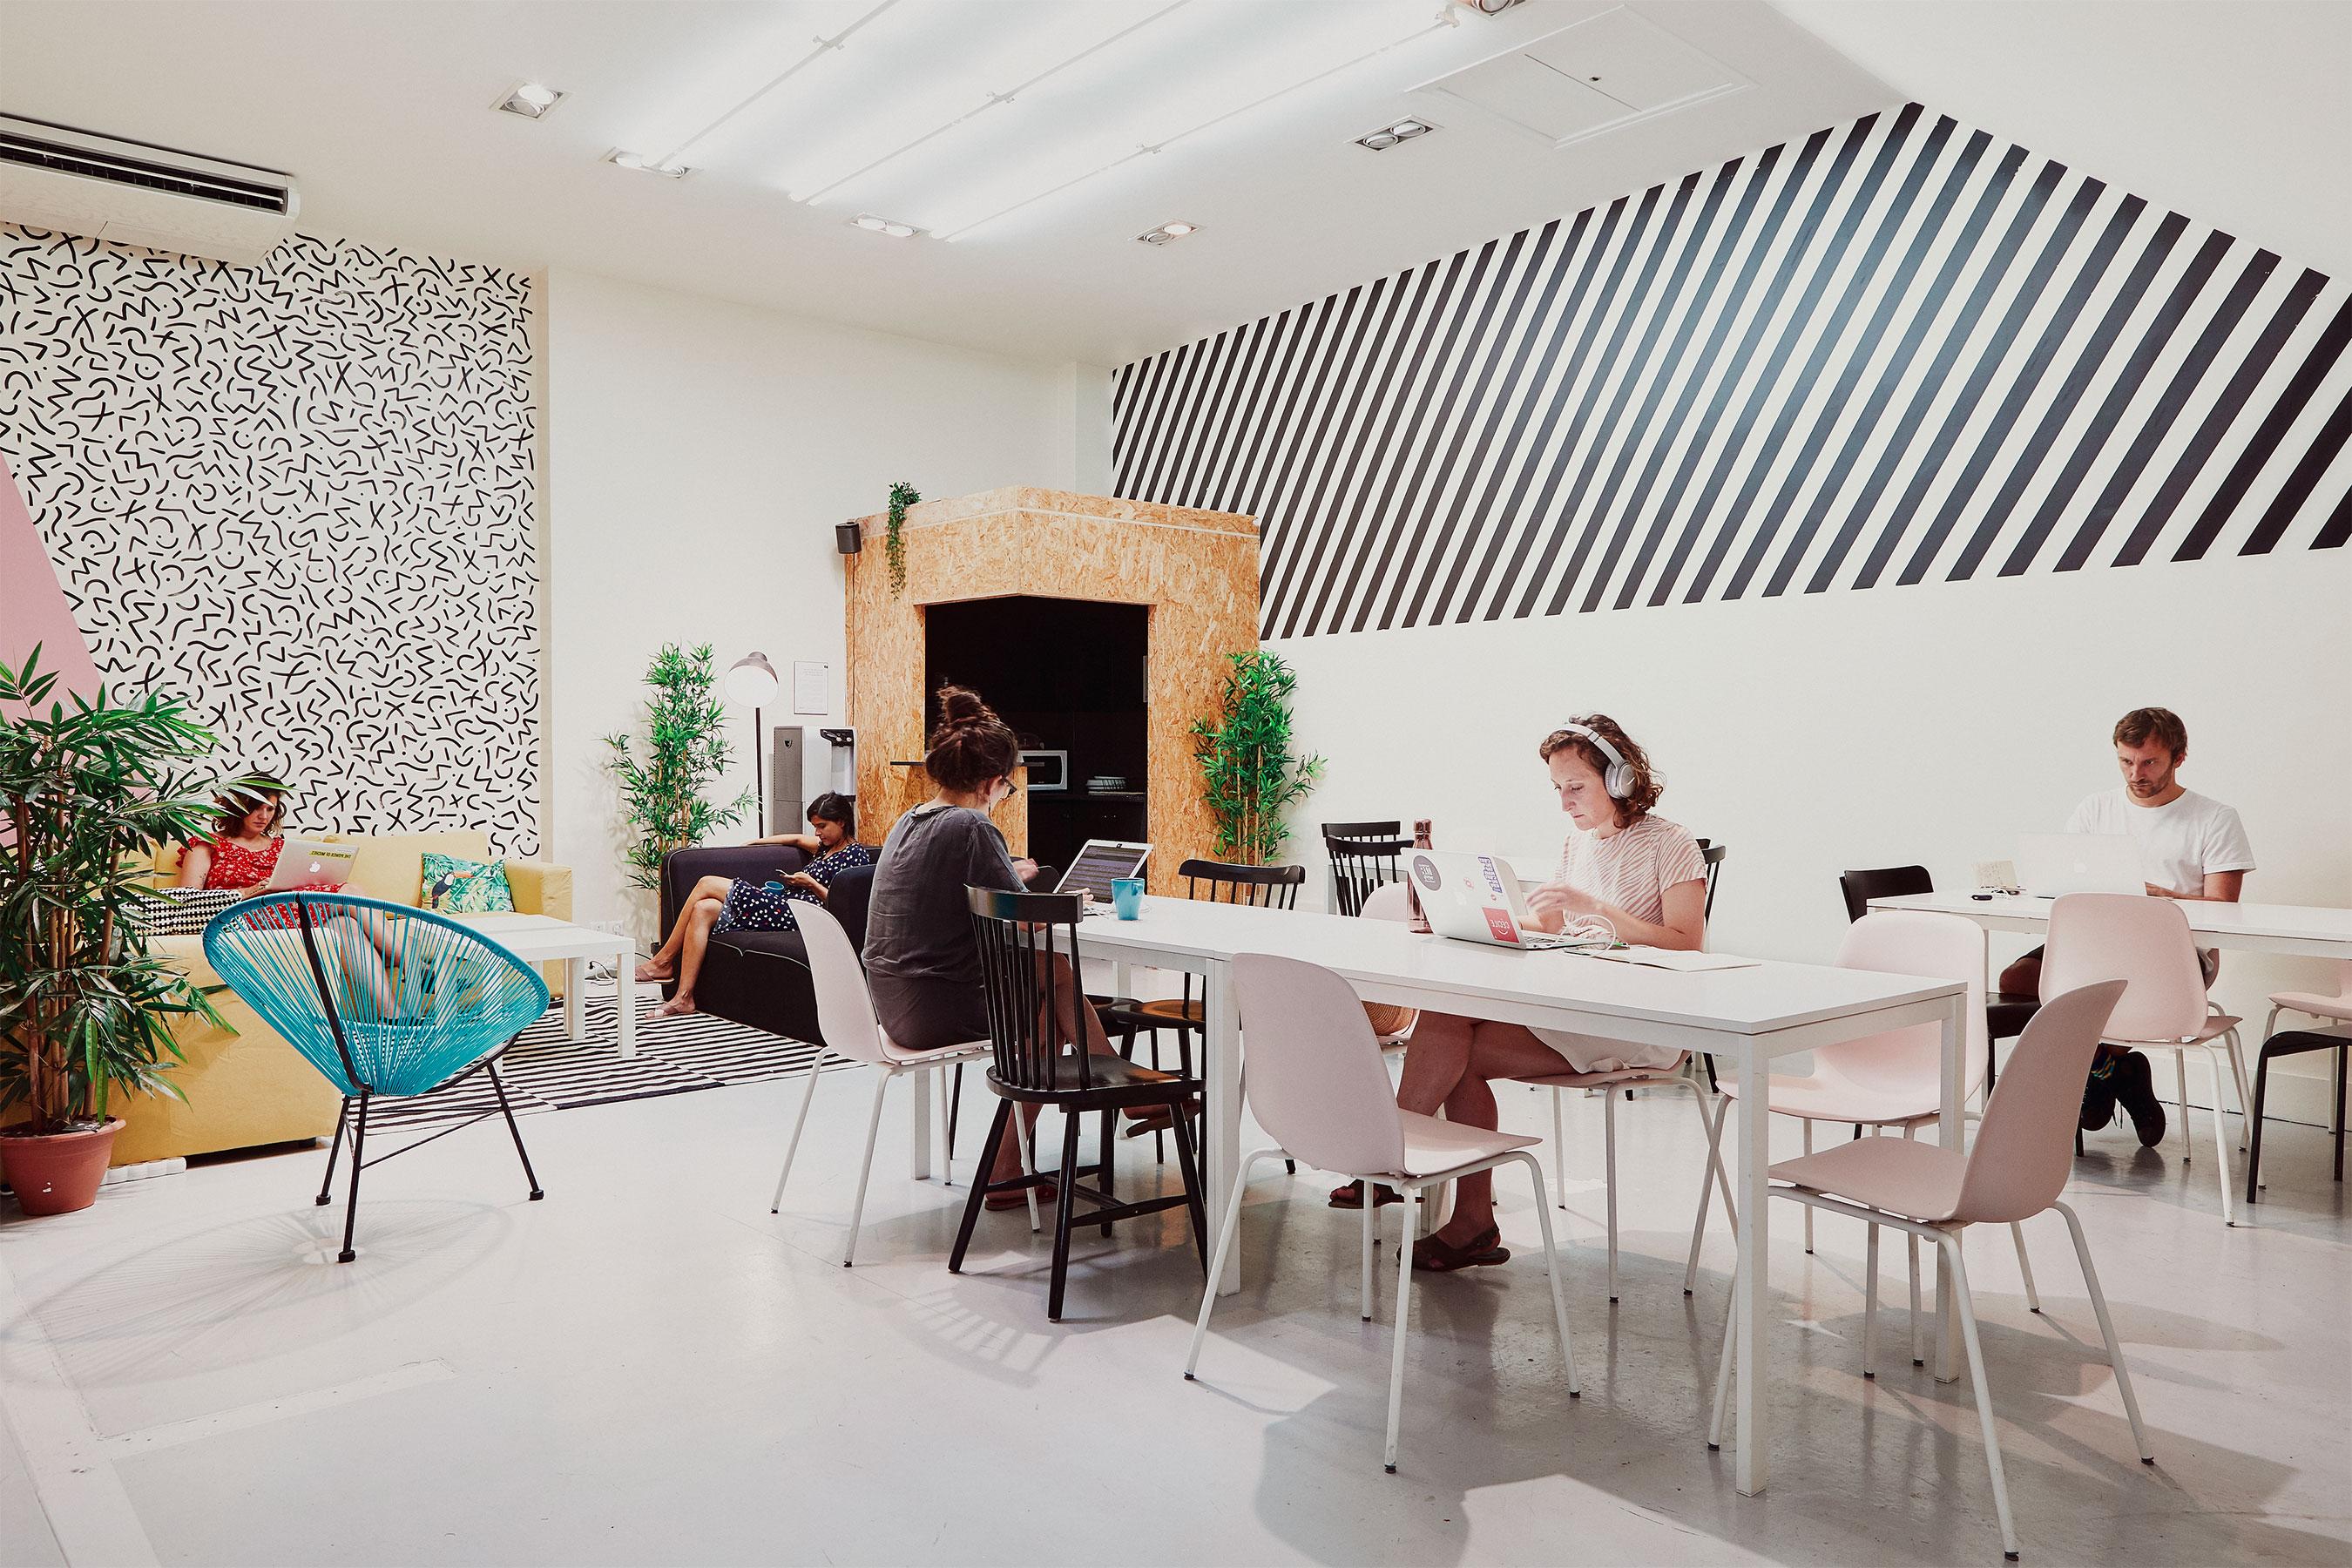 coworking strasbourg saint denis - espace de travail commun